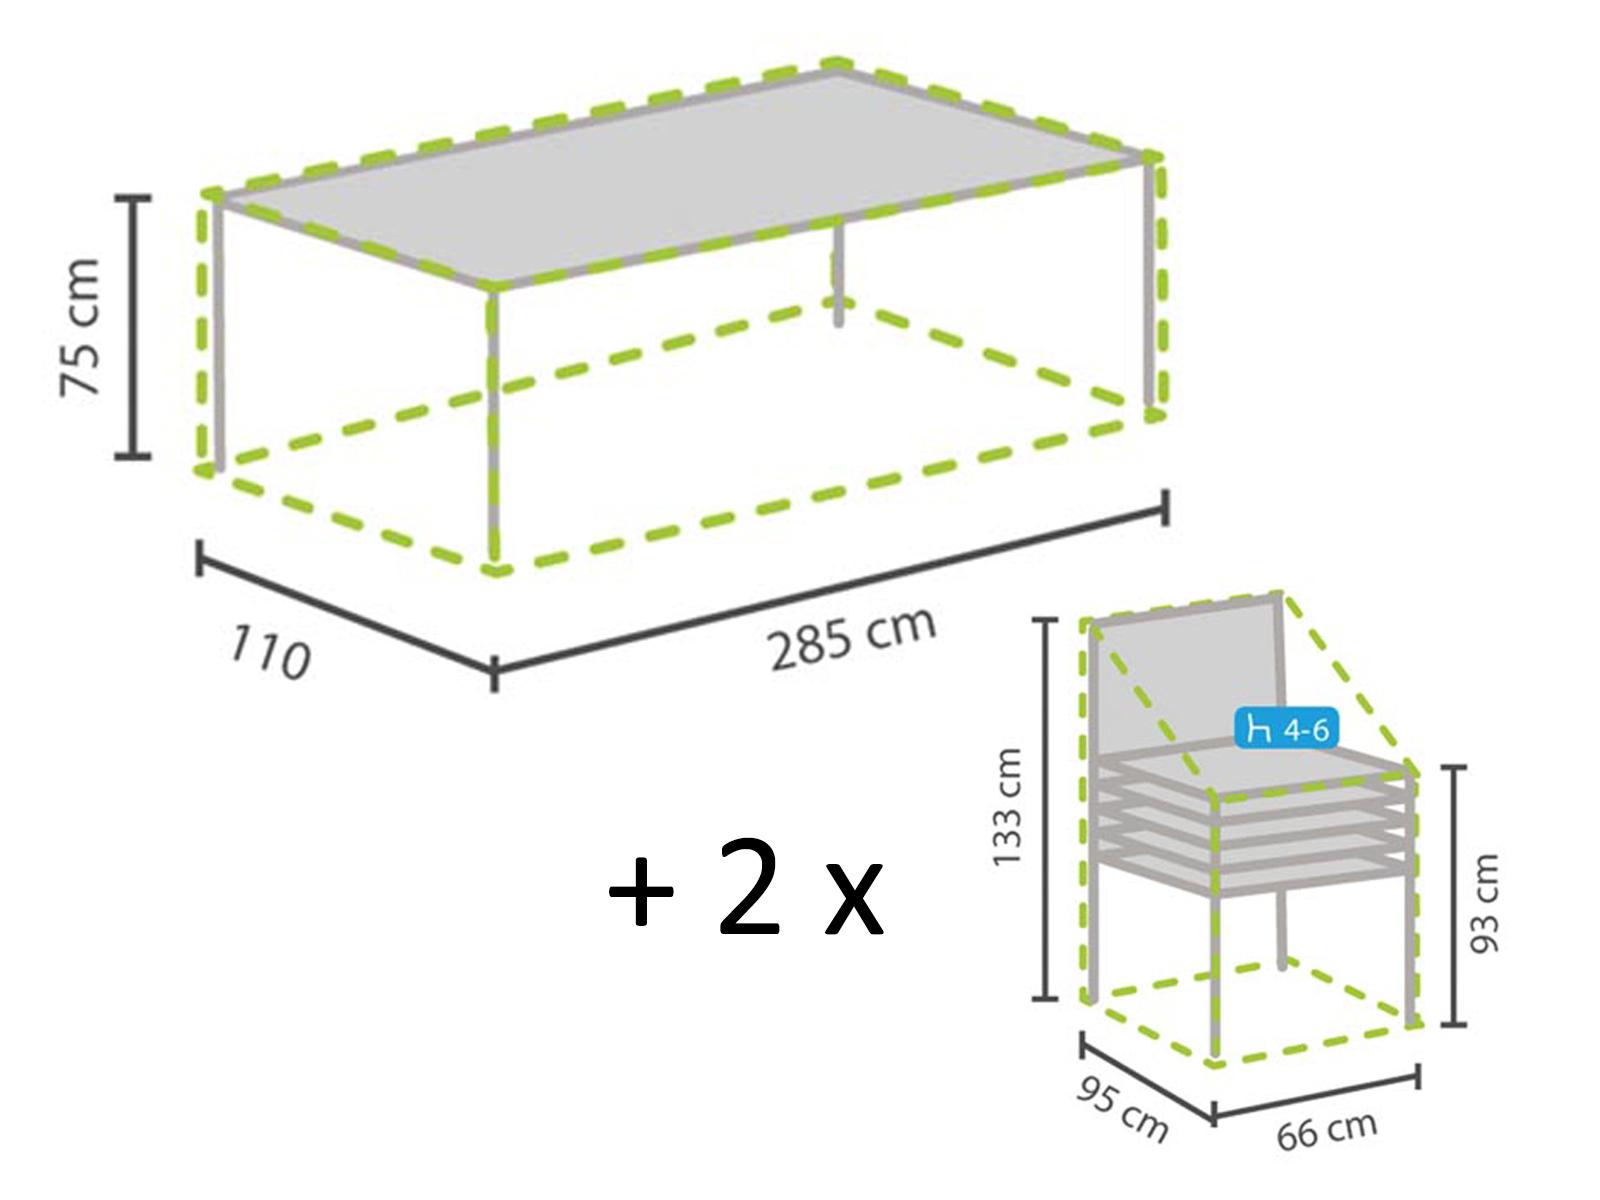 Gartenmobel Set 1x Hulle Fur Tisch Max 280cm 2x Schutz Fur 4 6